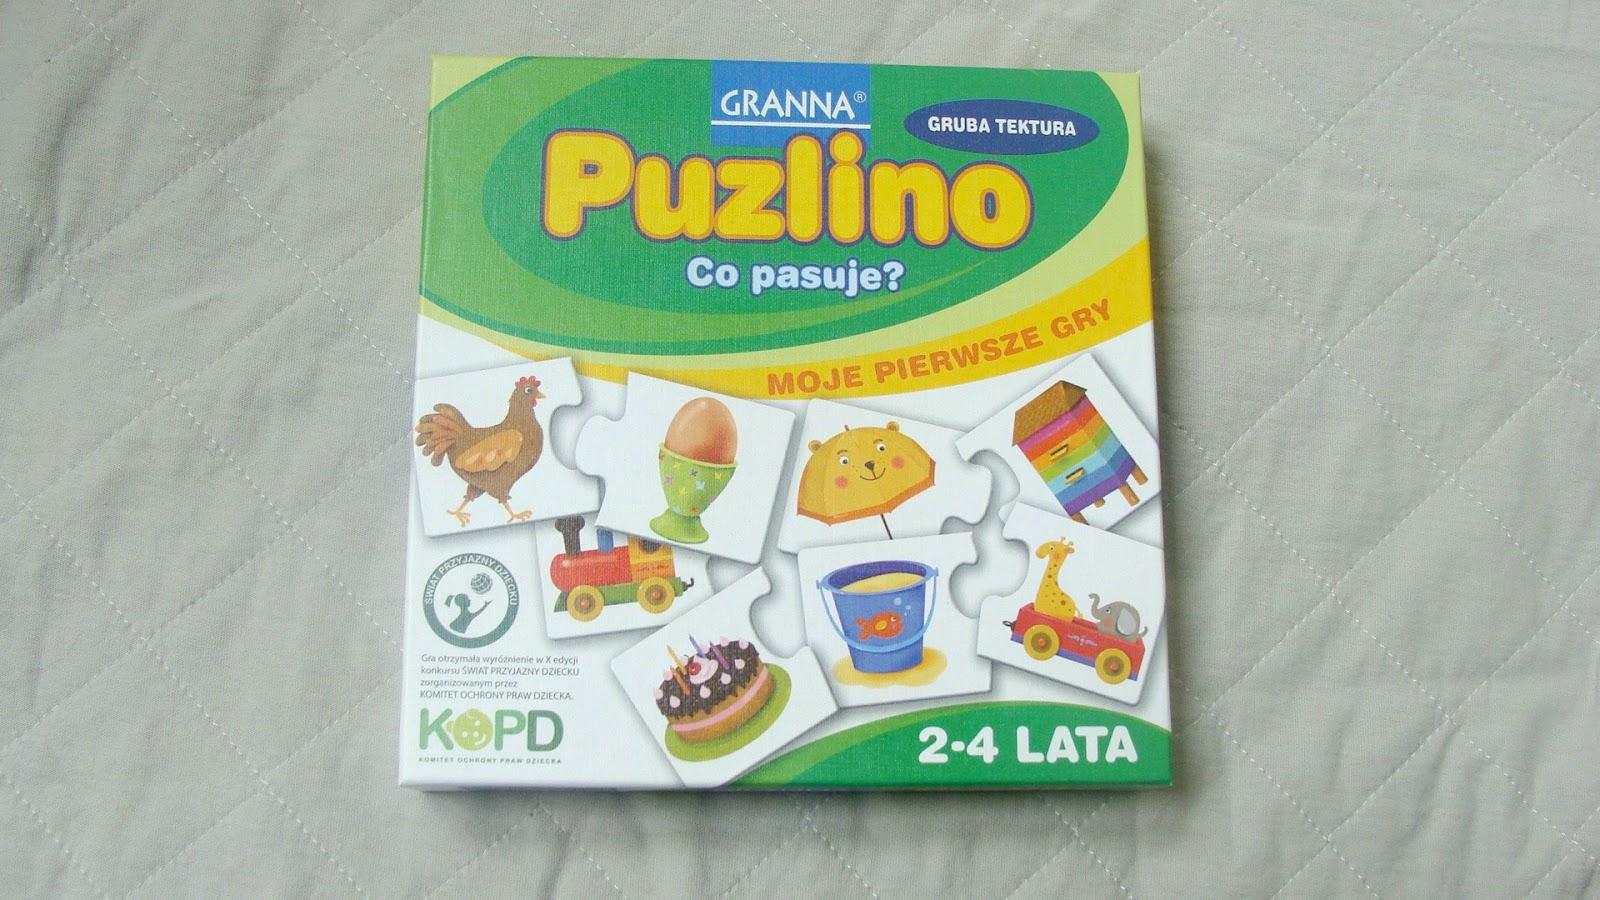 Puzlino gra dla dzieci